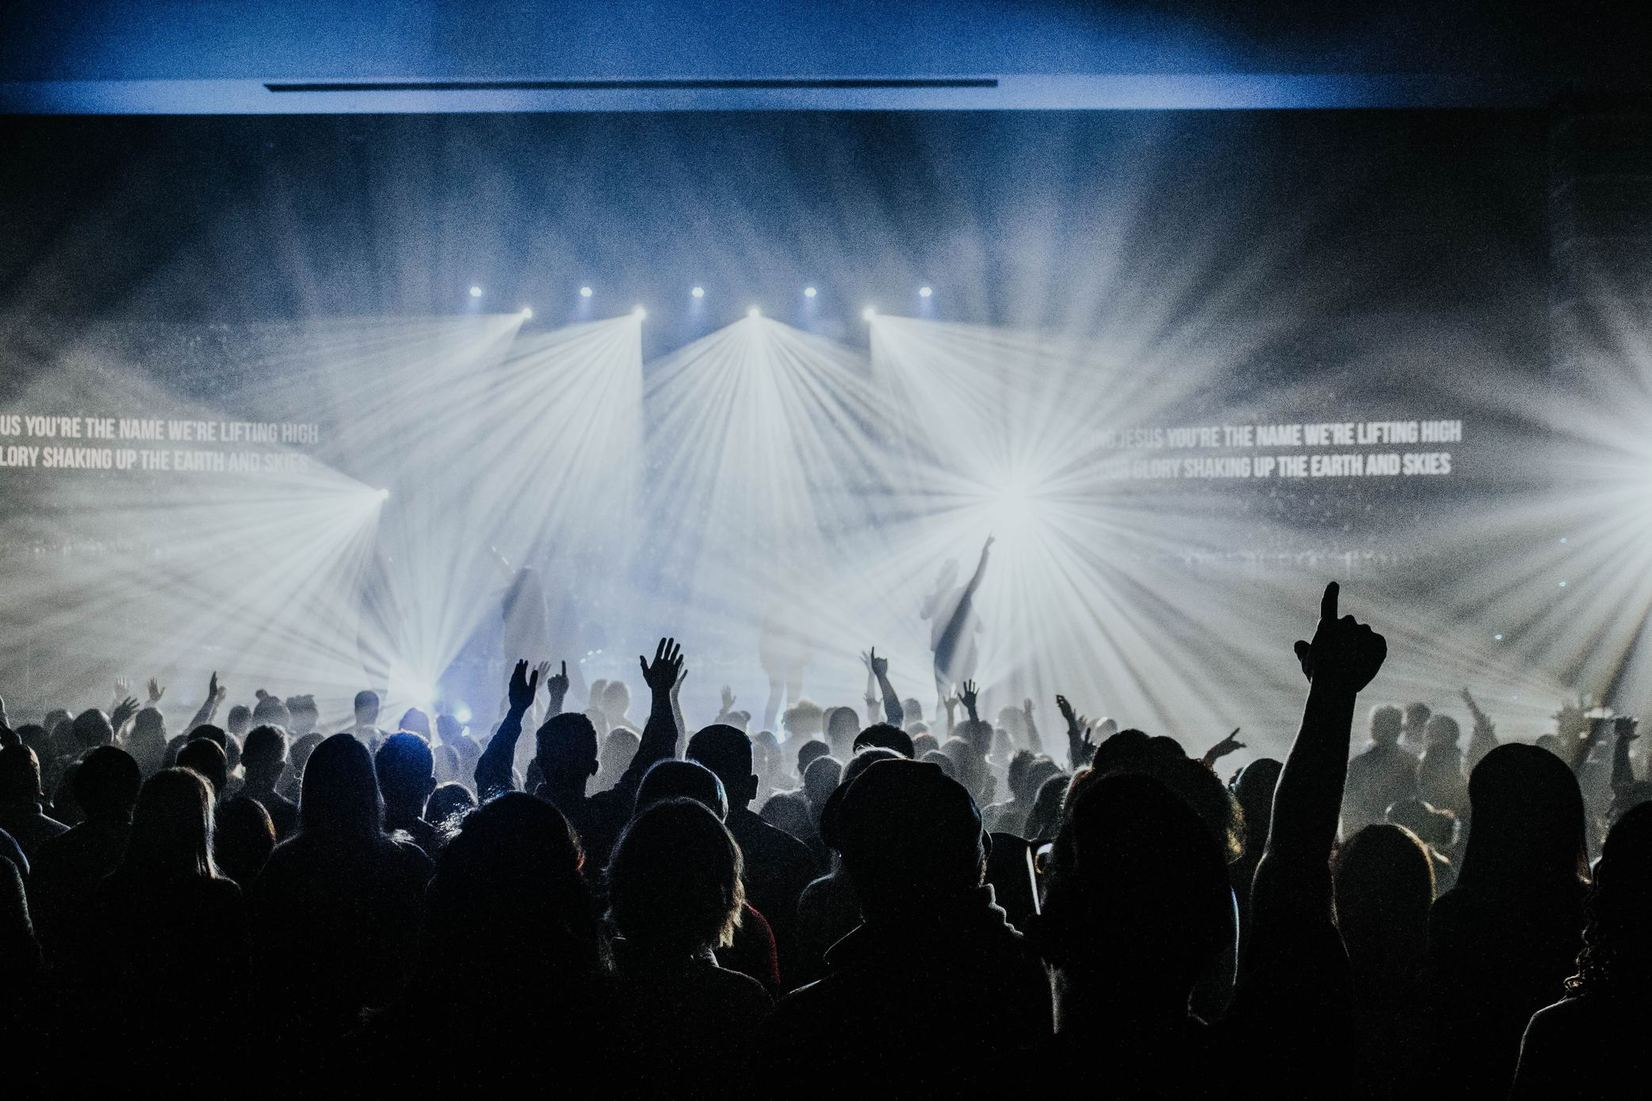 Peut-on utiliser un chant d'un groupe de louange que nous savons doctrinalement douteux?